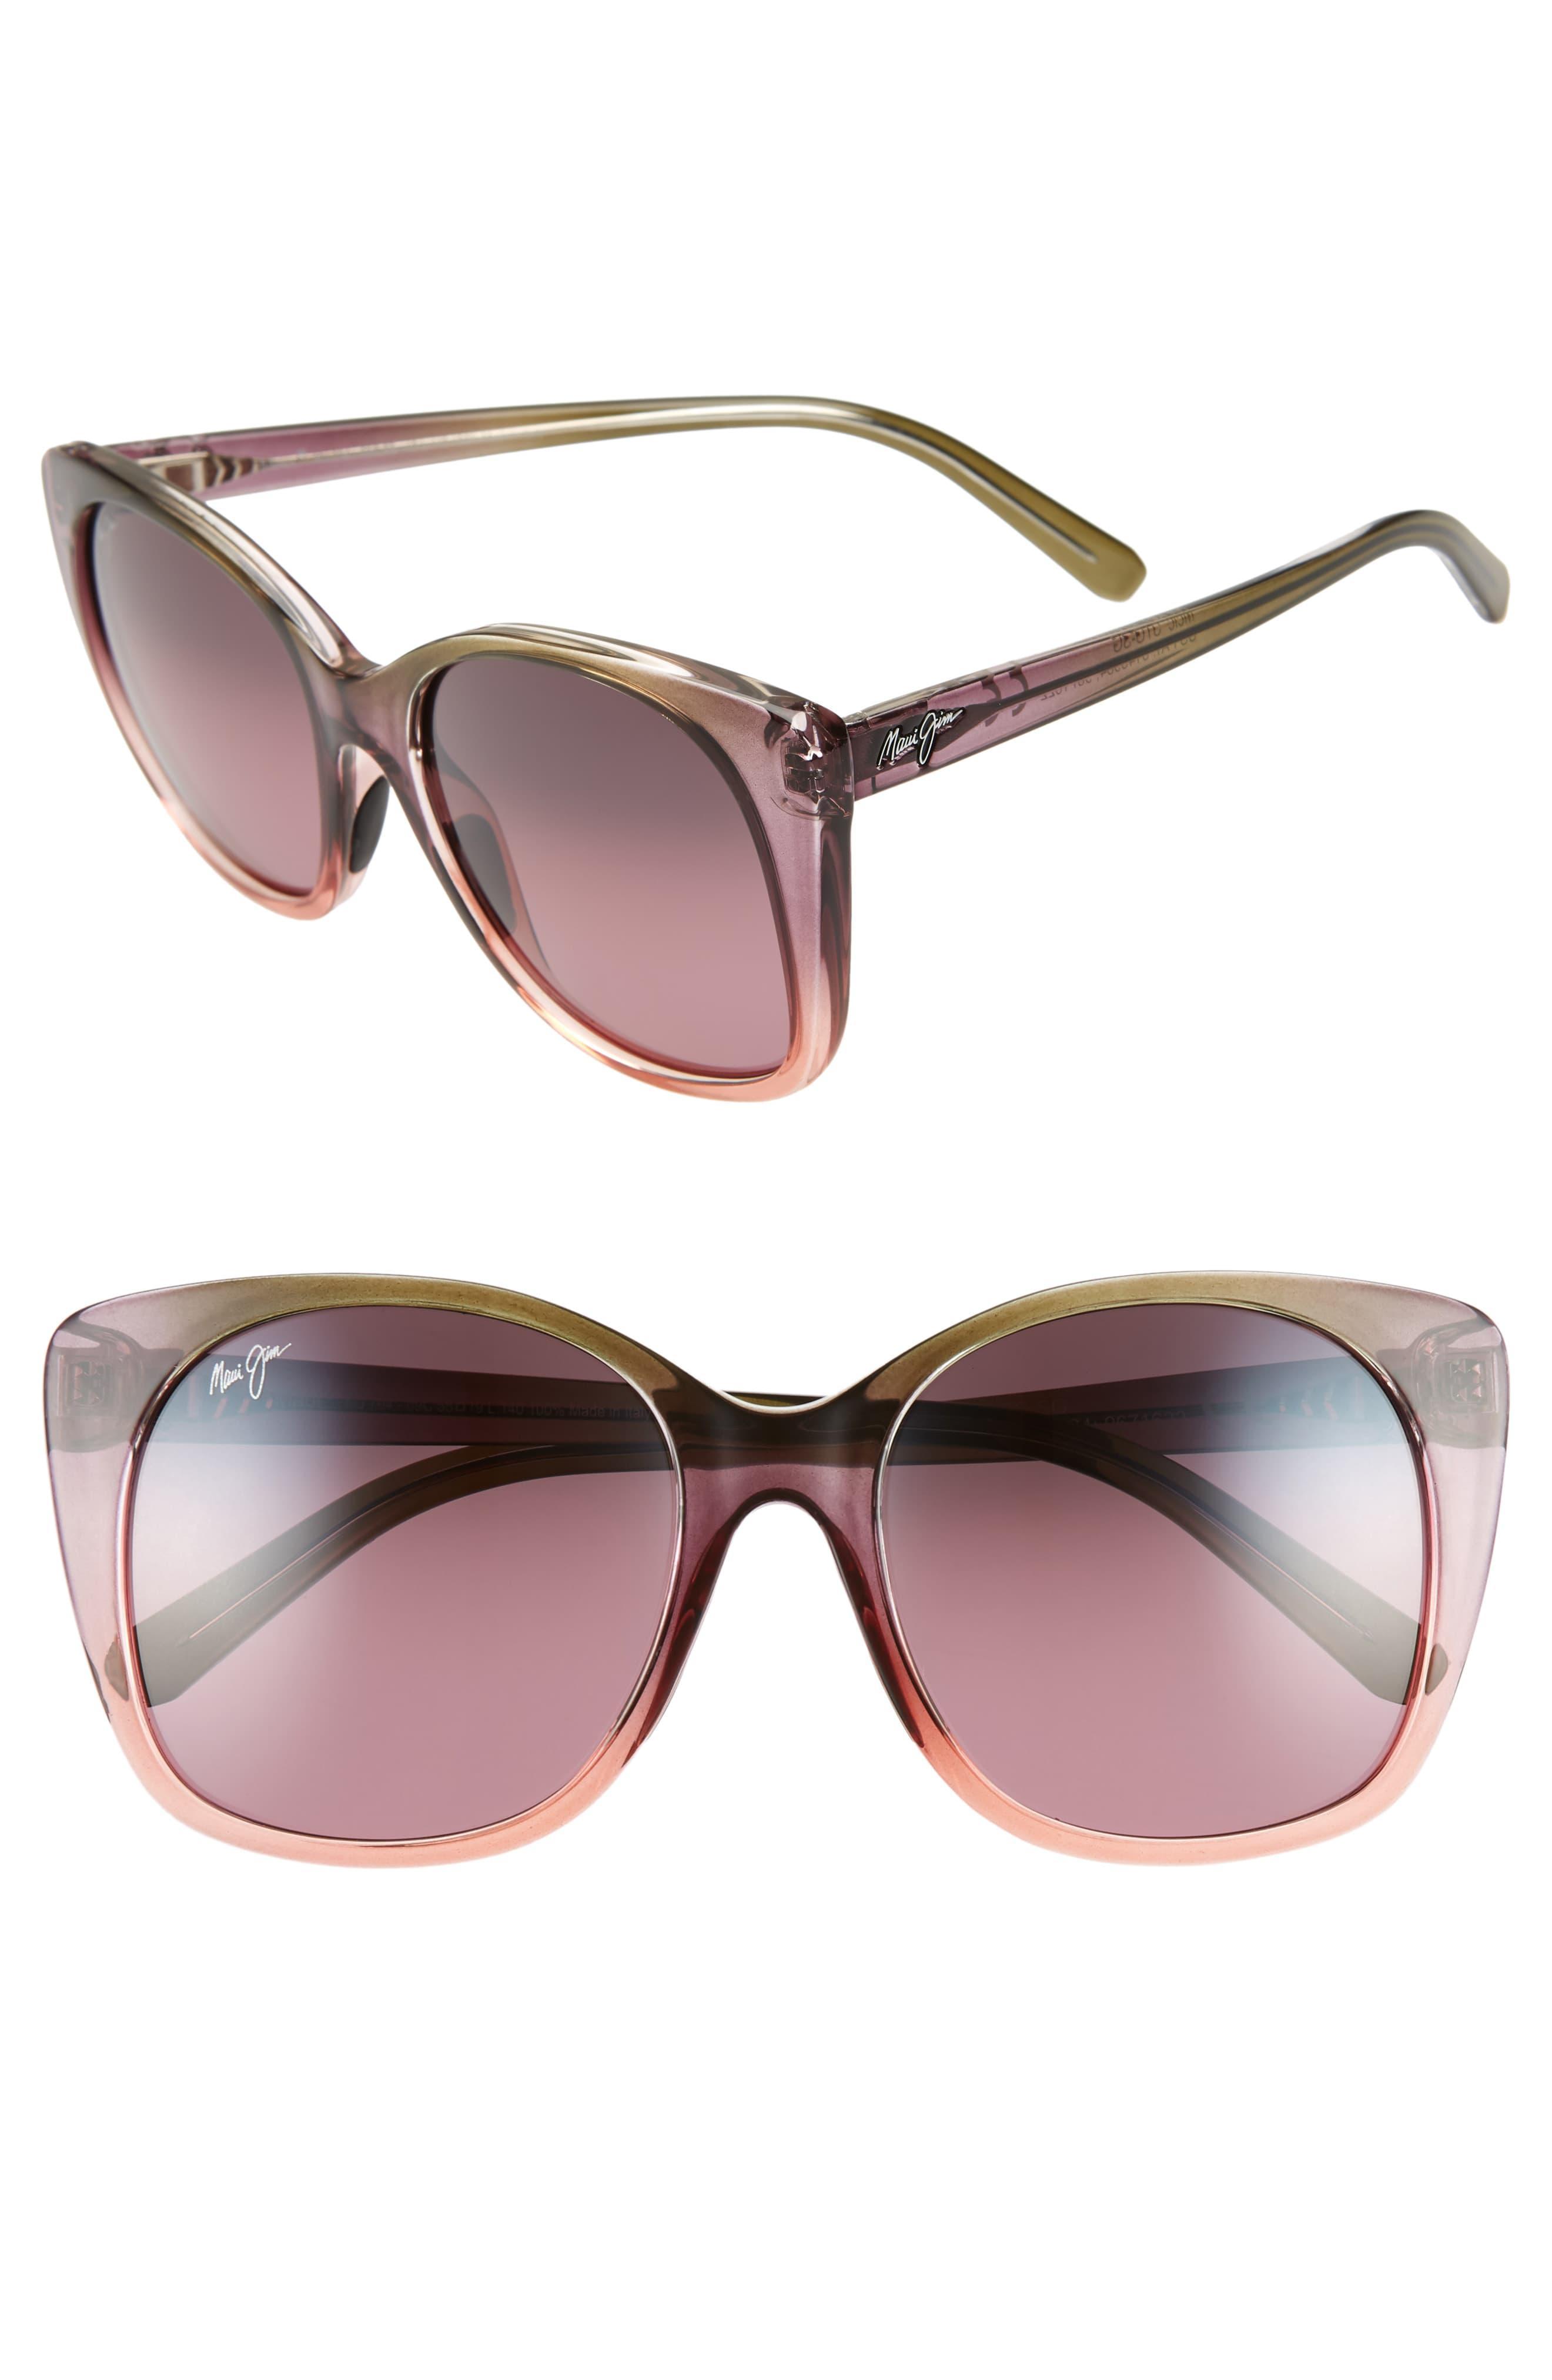 a917aa16db Maui Jim Alekona 55mm Sunglasses - Blush/ Mossy/ Peach in Pink - Lyst